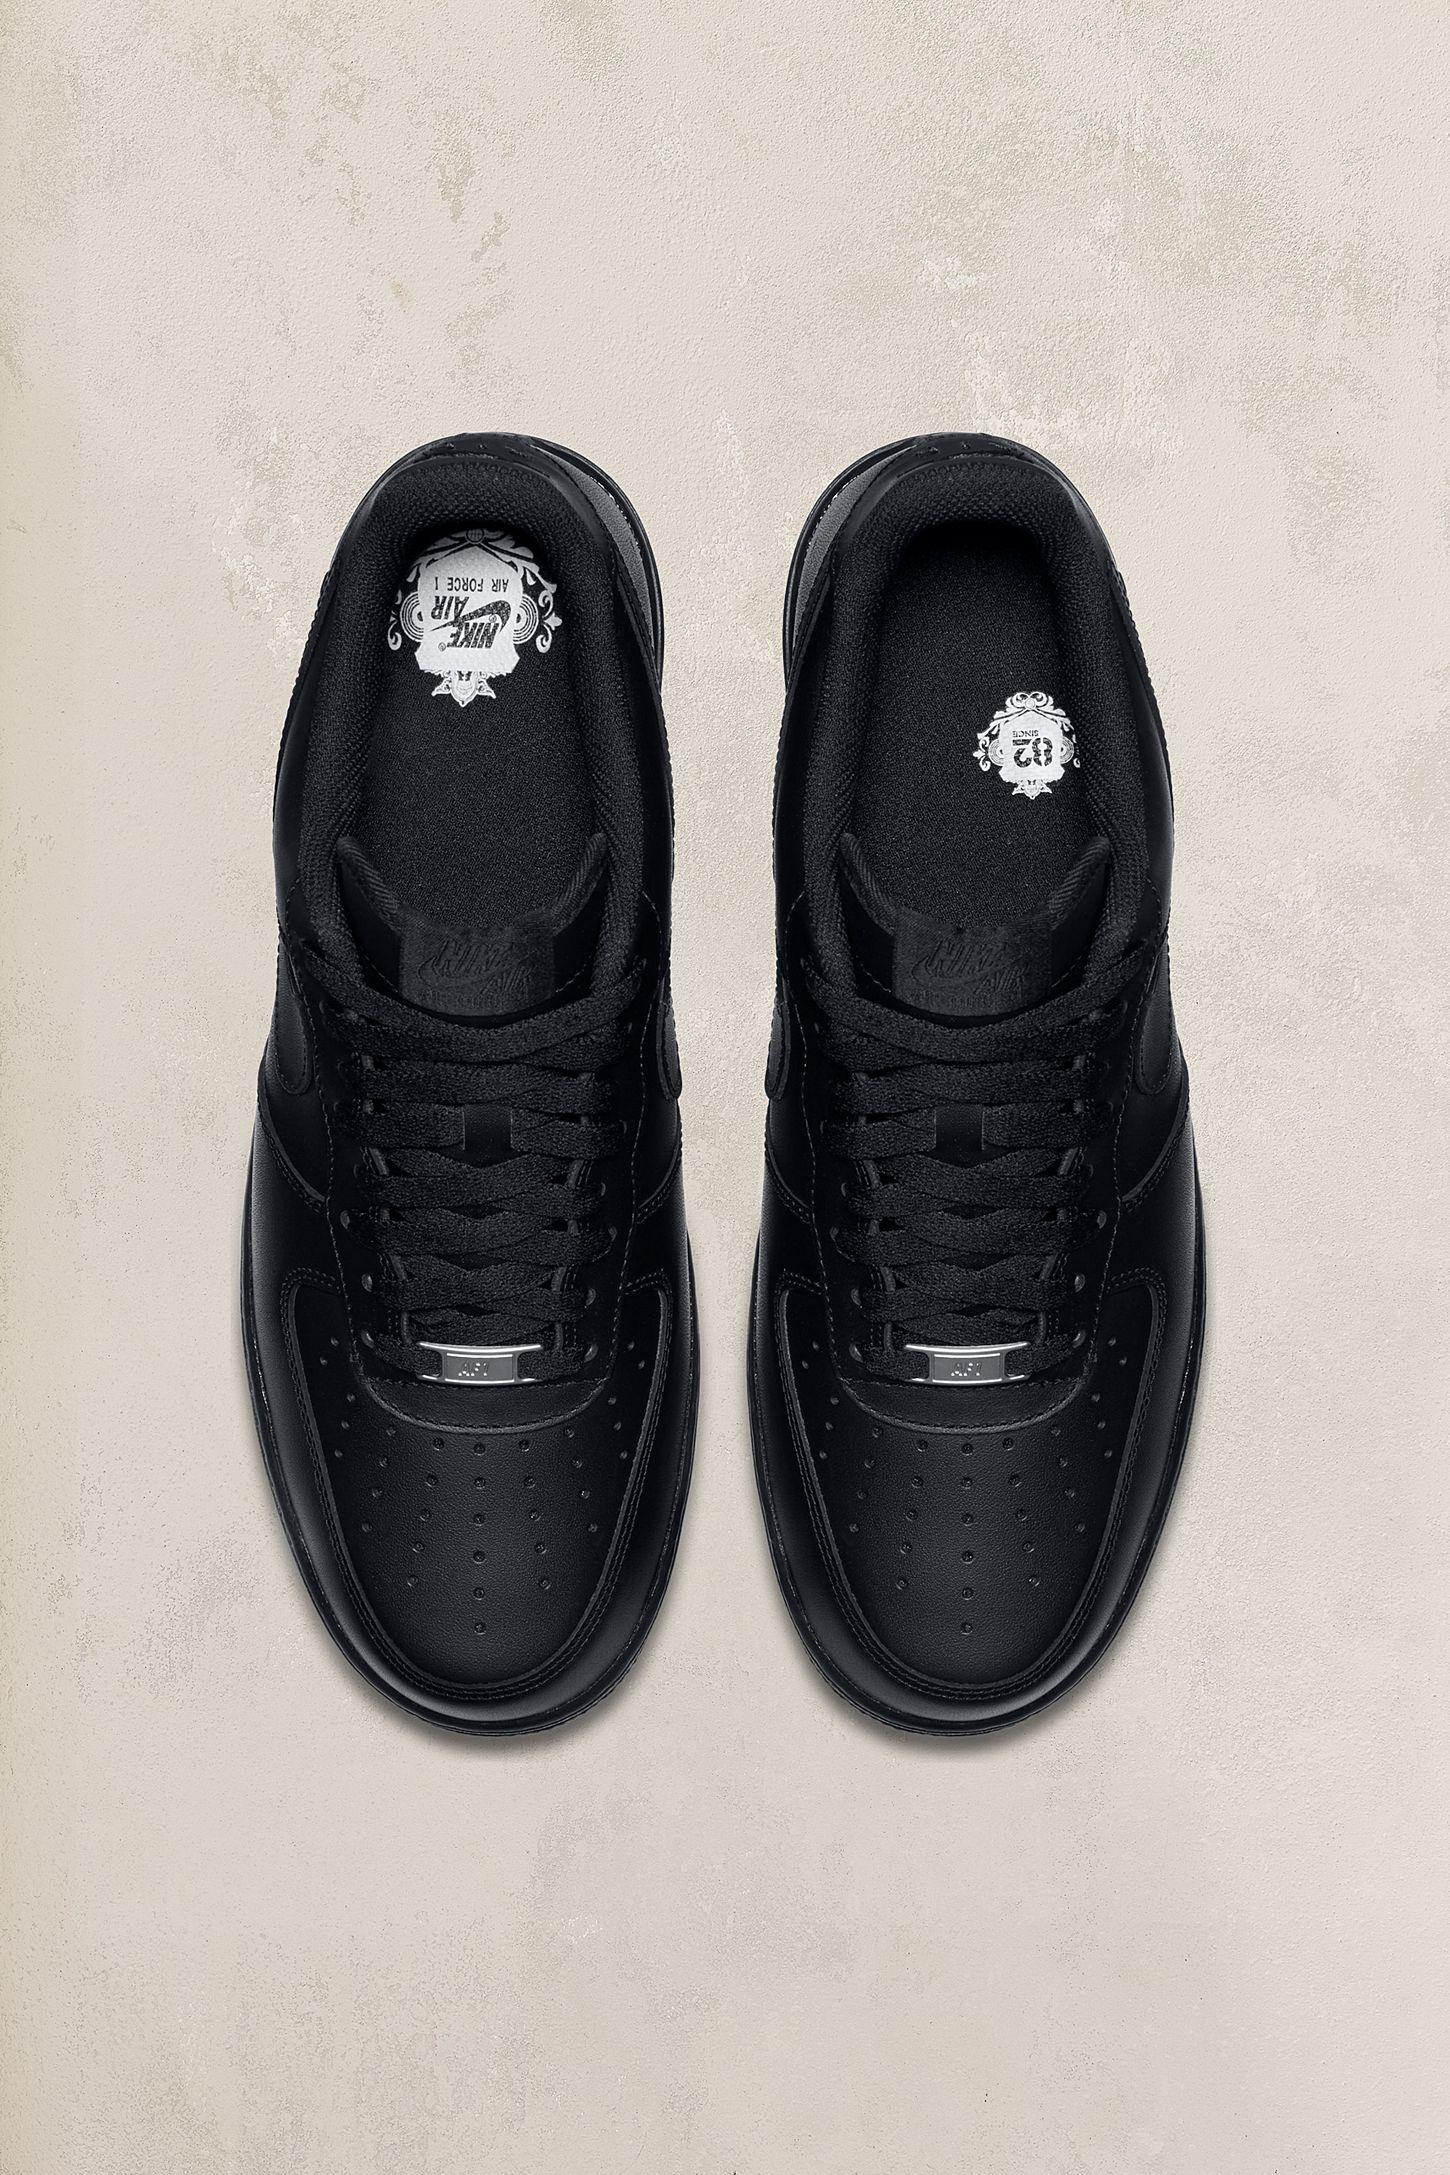 huge discount b13fb 02816 Slide View  4  Nike Air Force 1  07 Sneaker